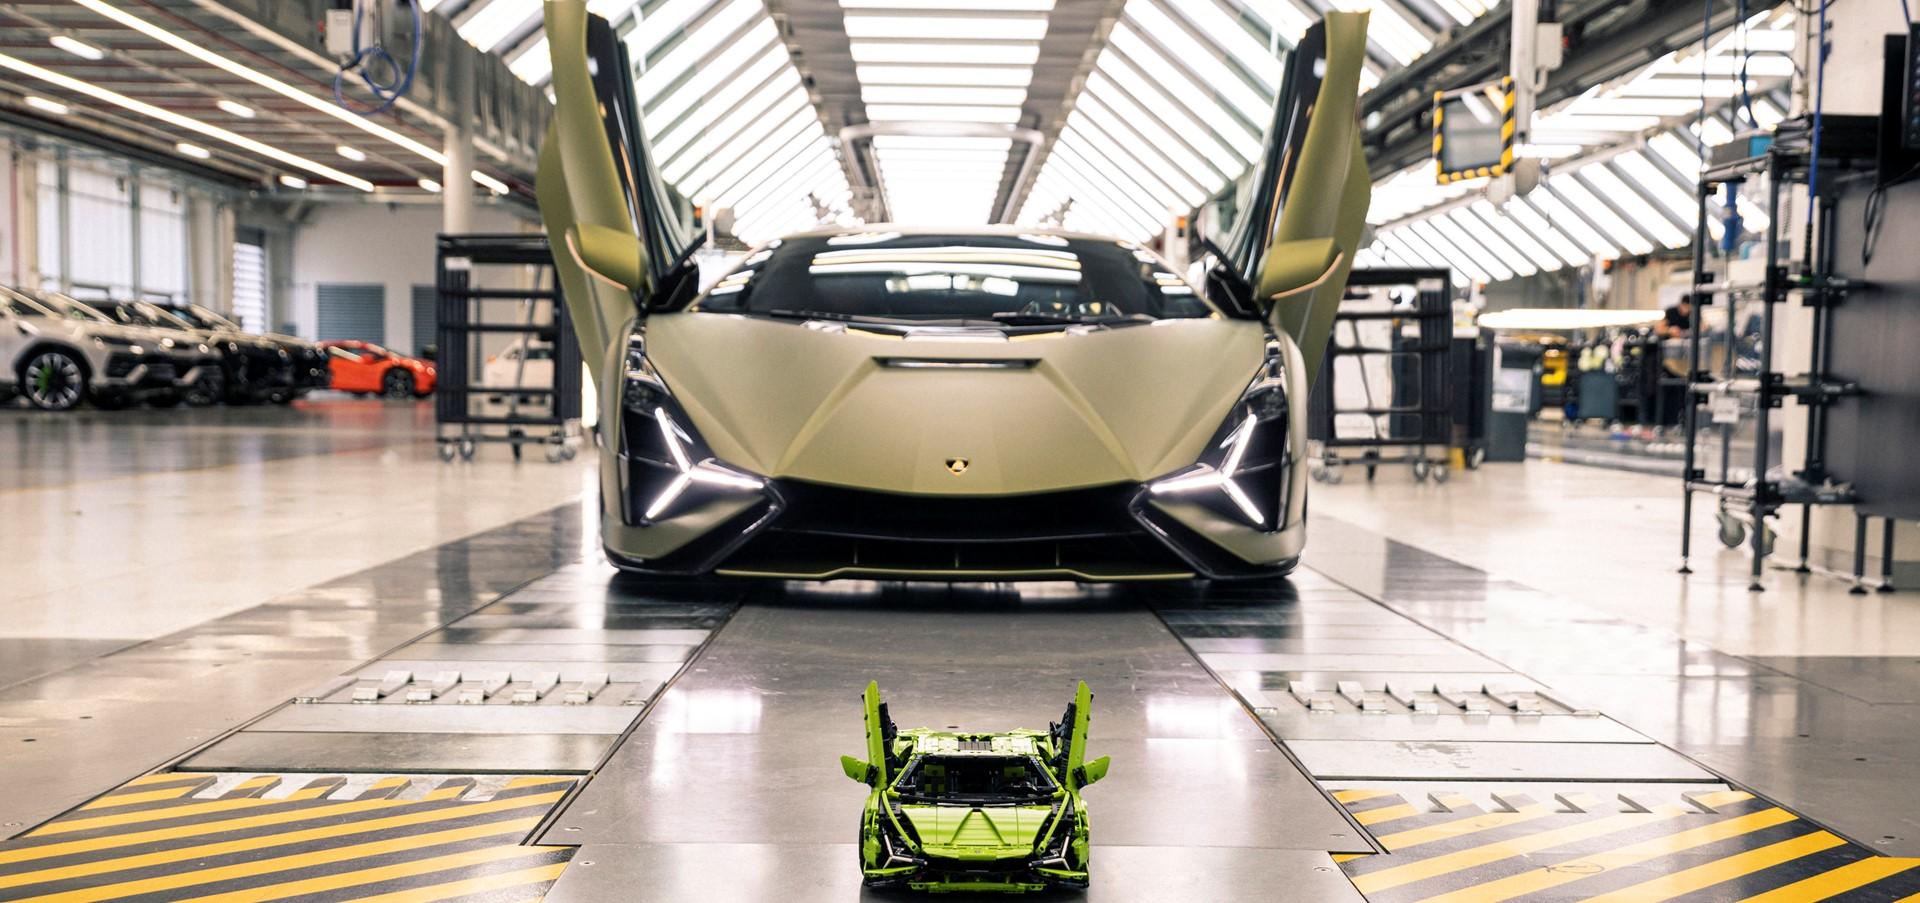 Automobili Lamborghini e LEGO Group ricreano la Lamborghini